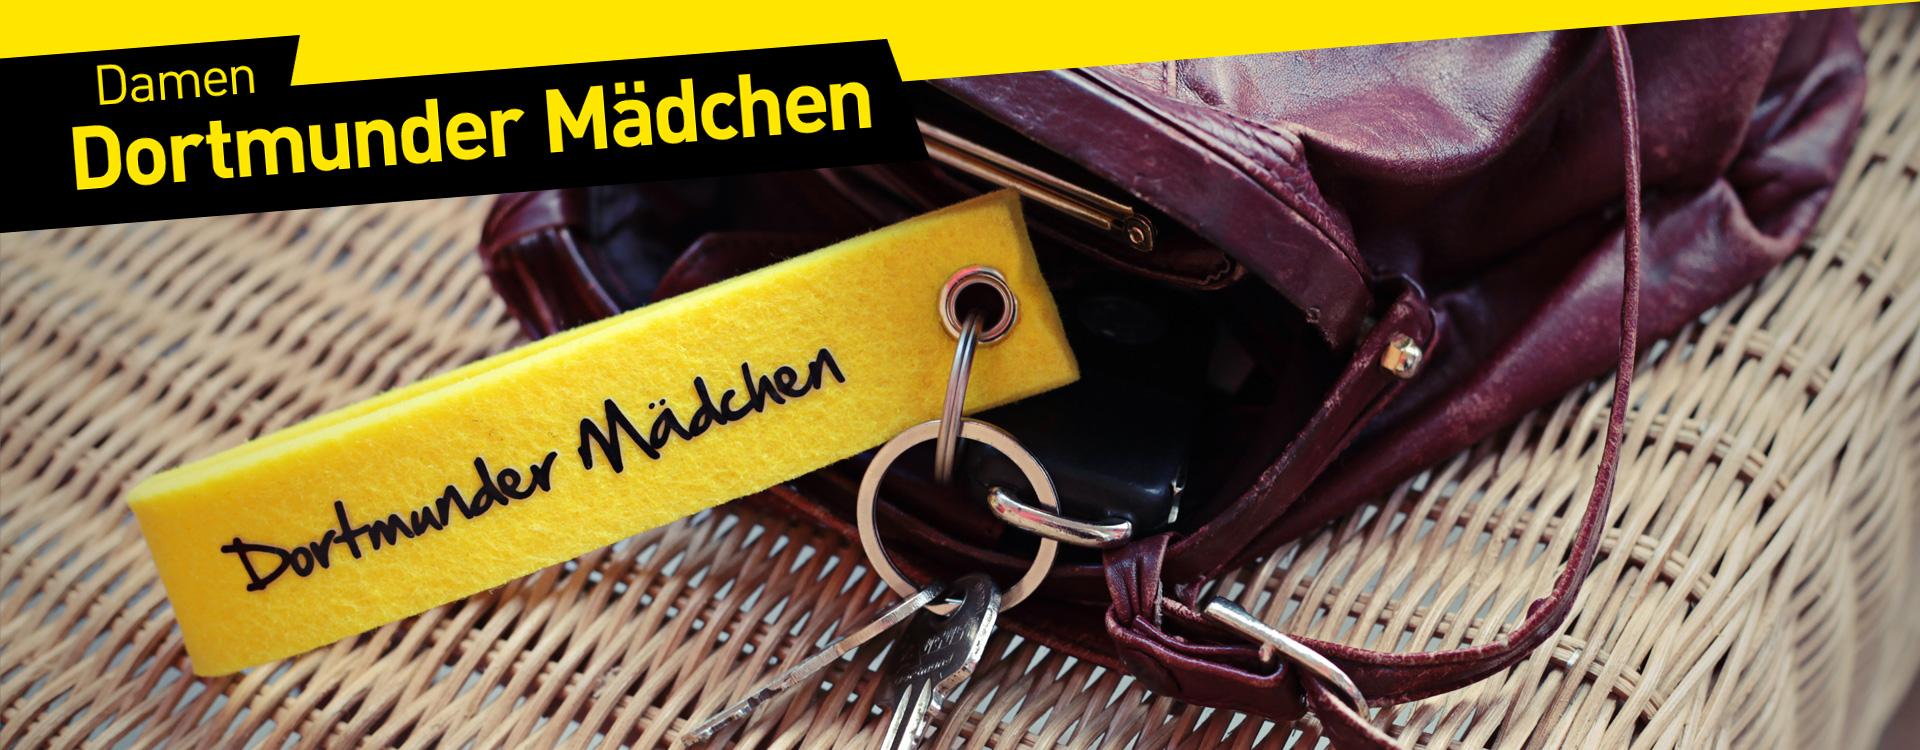 Kategorie-Damen-Dortmunder-Maedchen